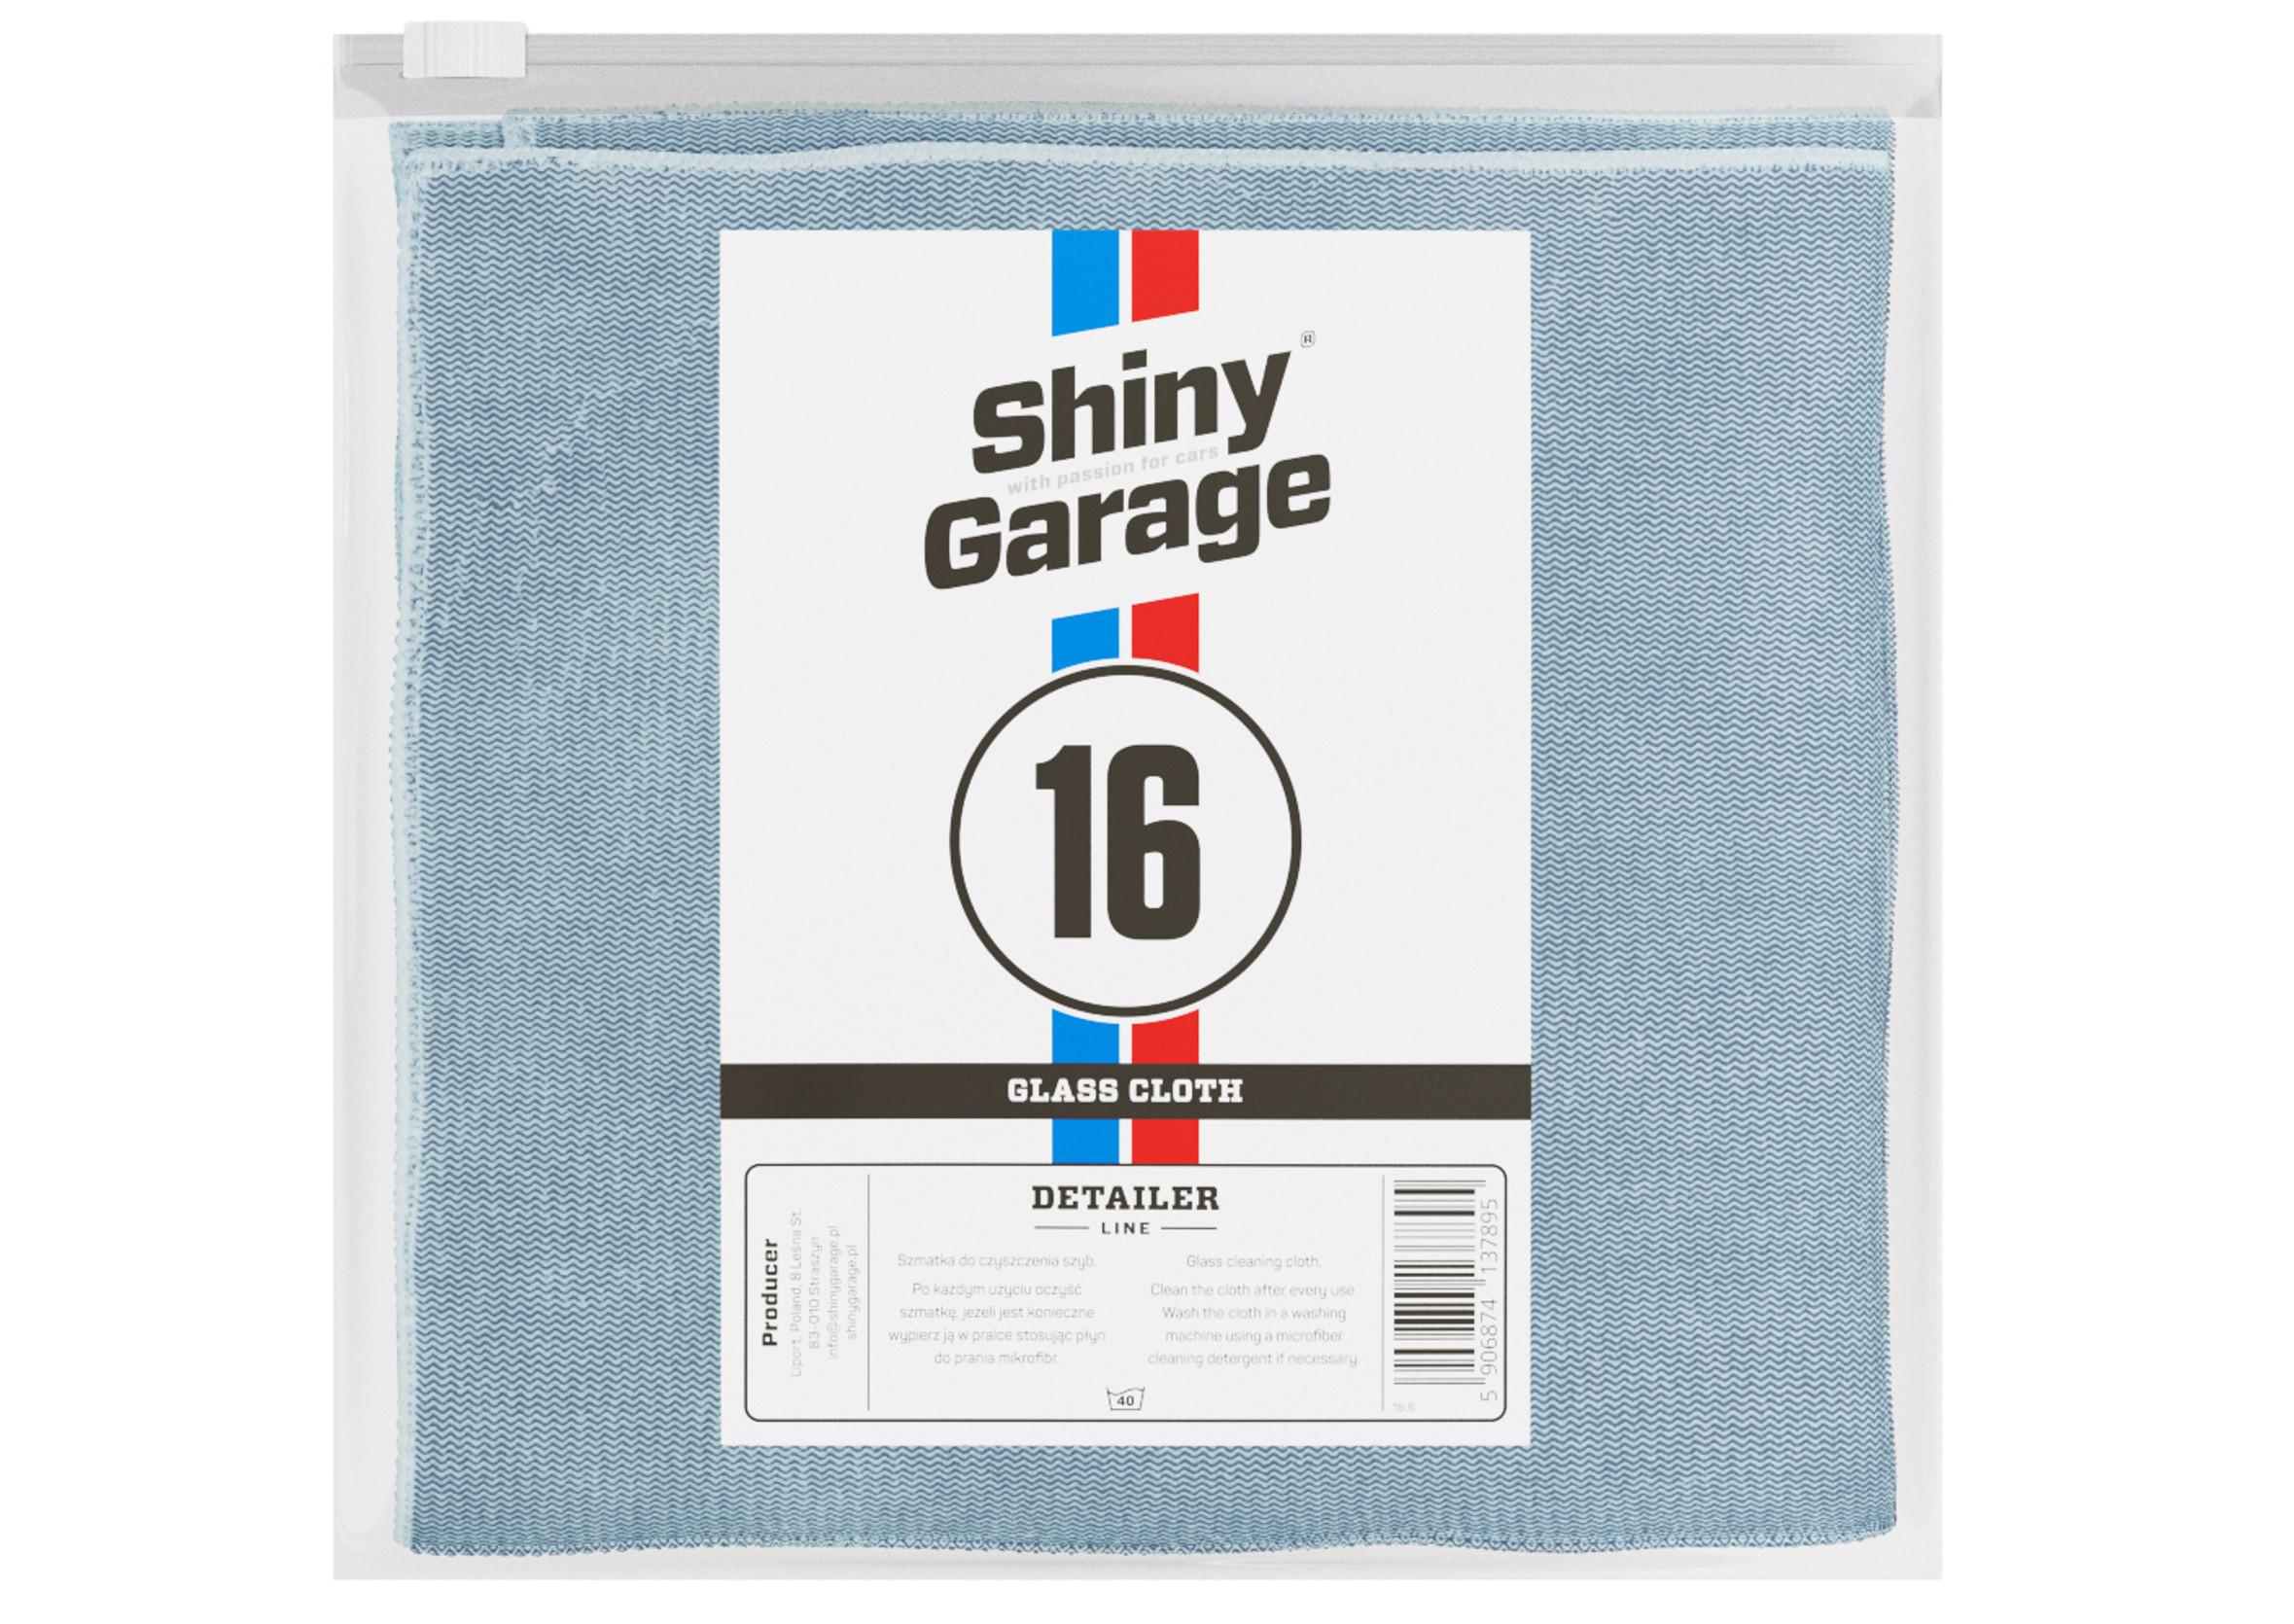 Shiny Garage Glass Cloth 35x35cm Szmatka do Polerowania Szyb